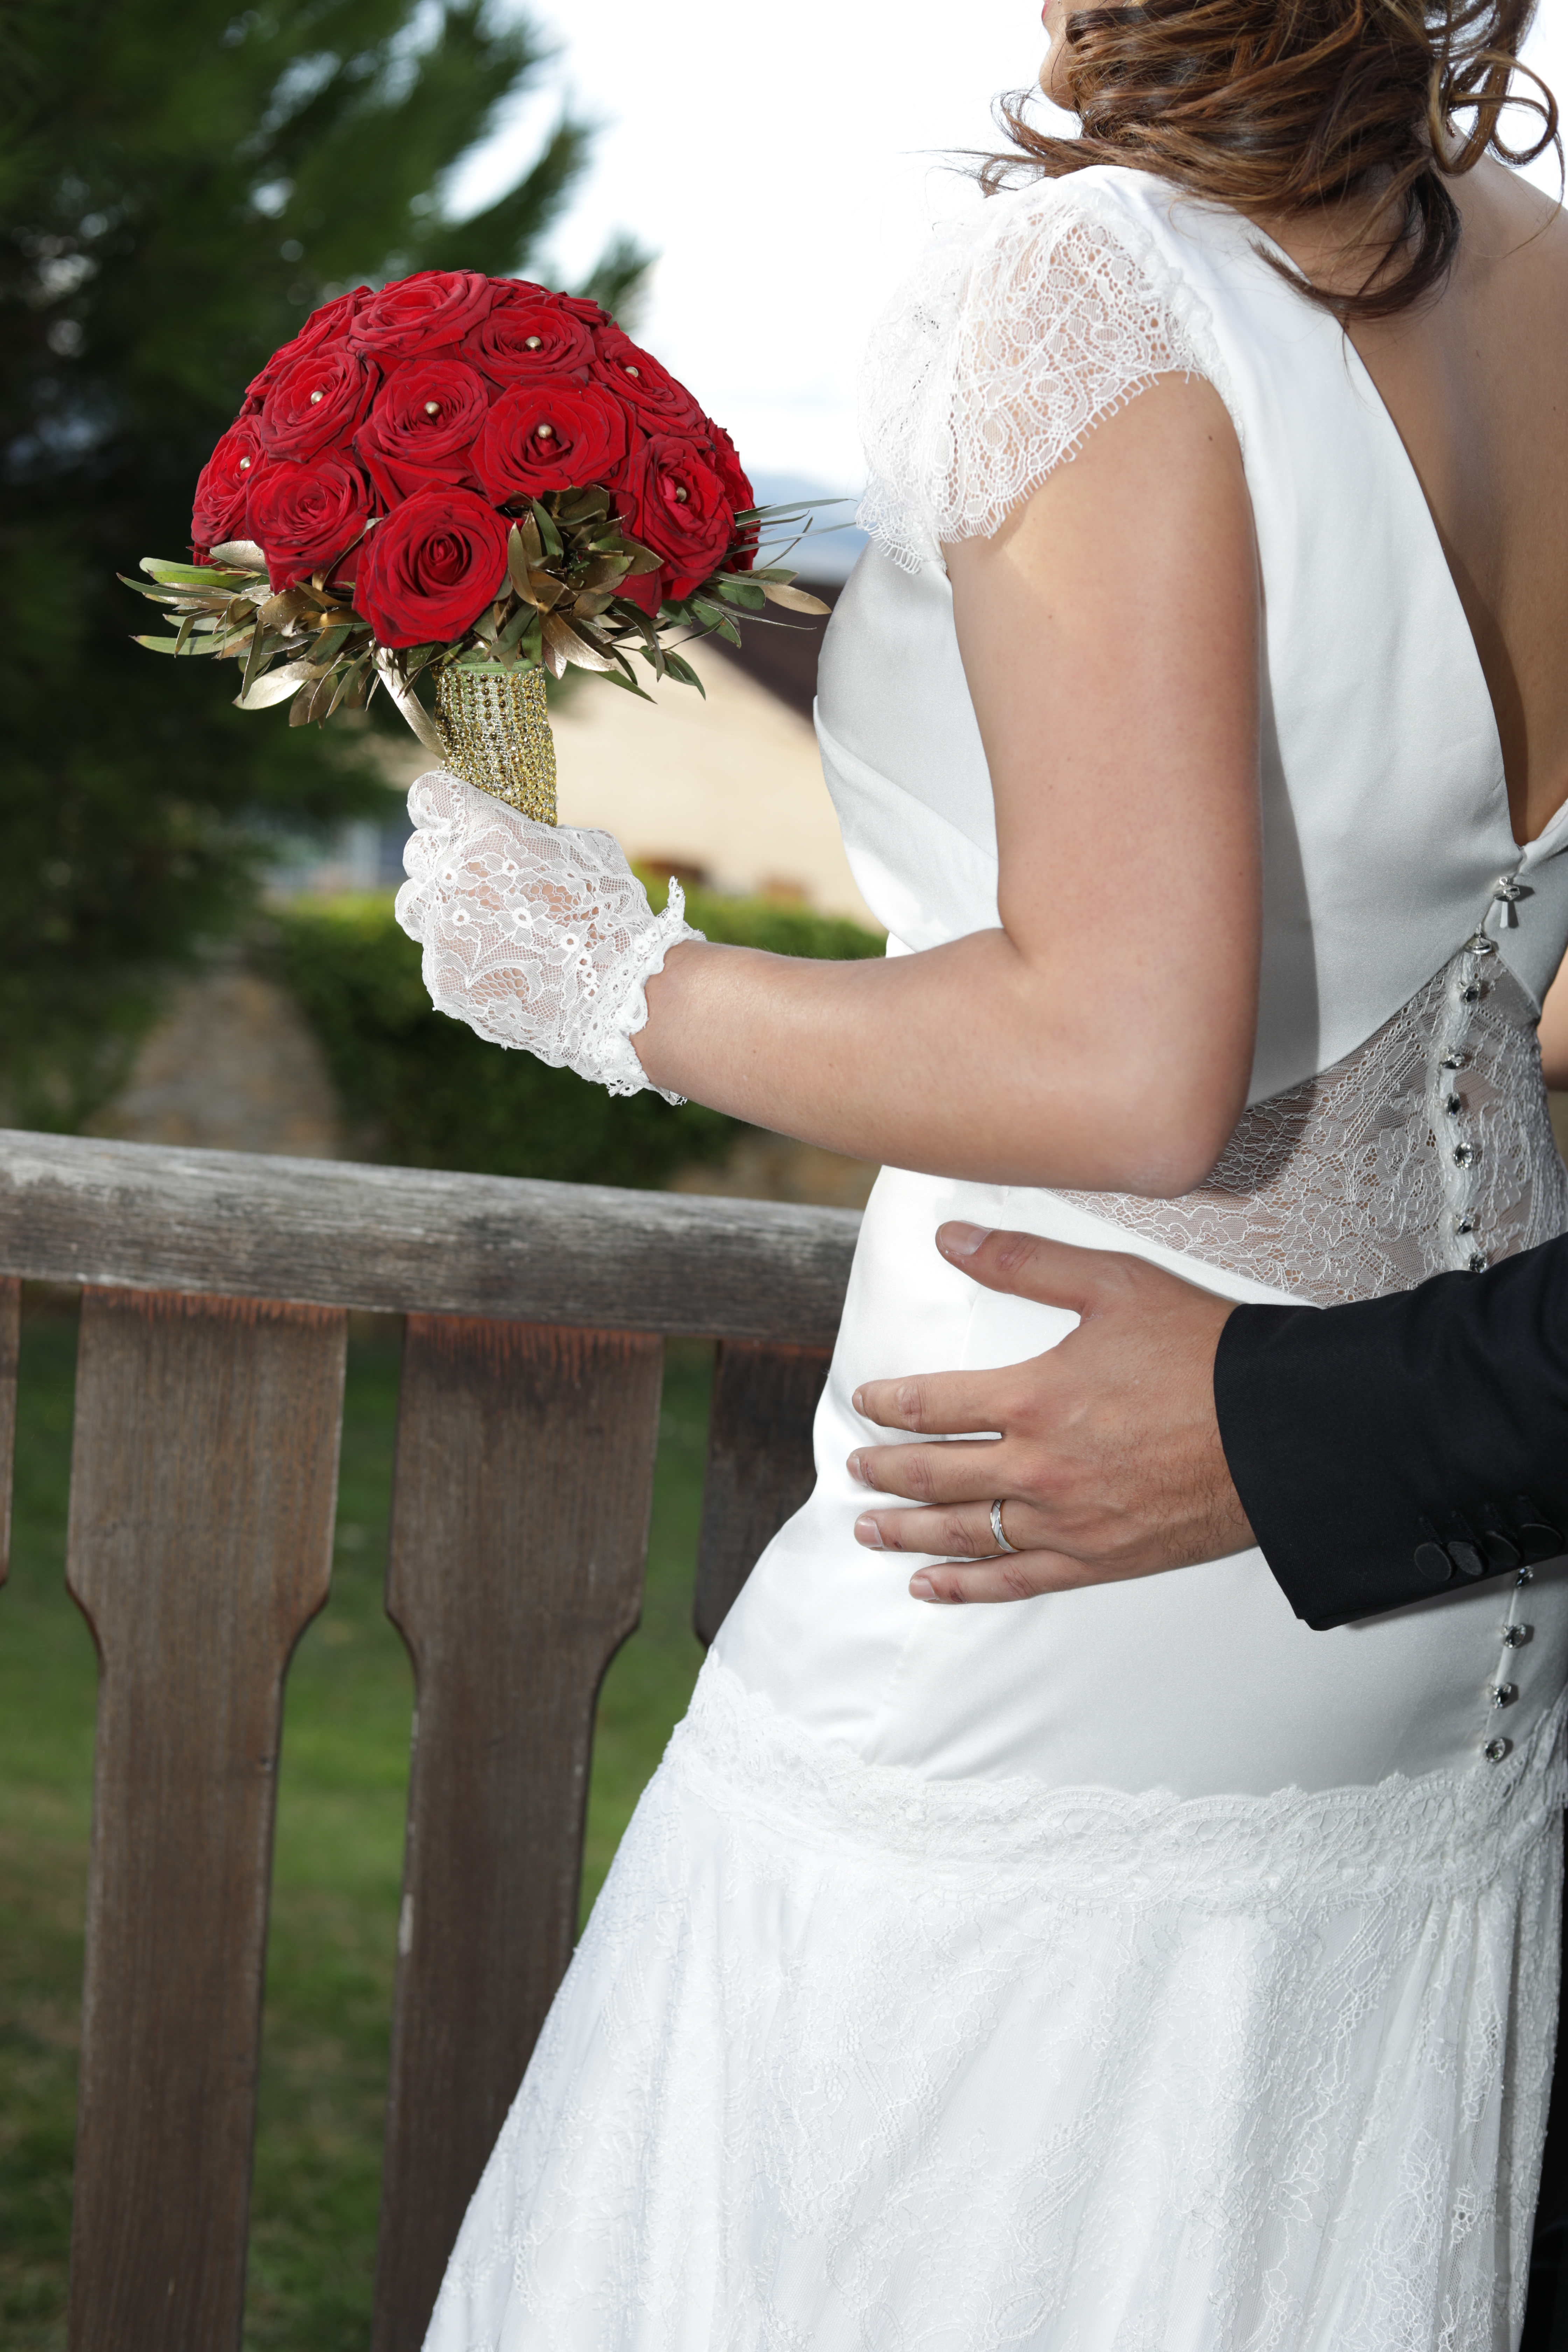 Photographe Mariage à LyonPhotograph